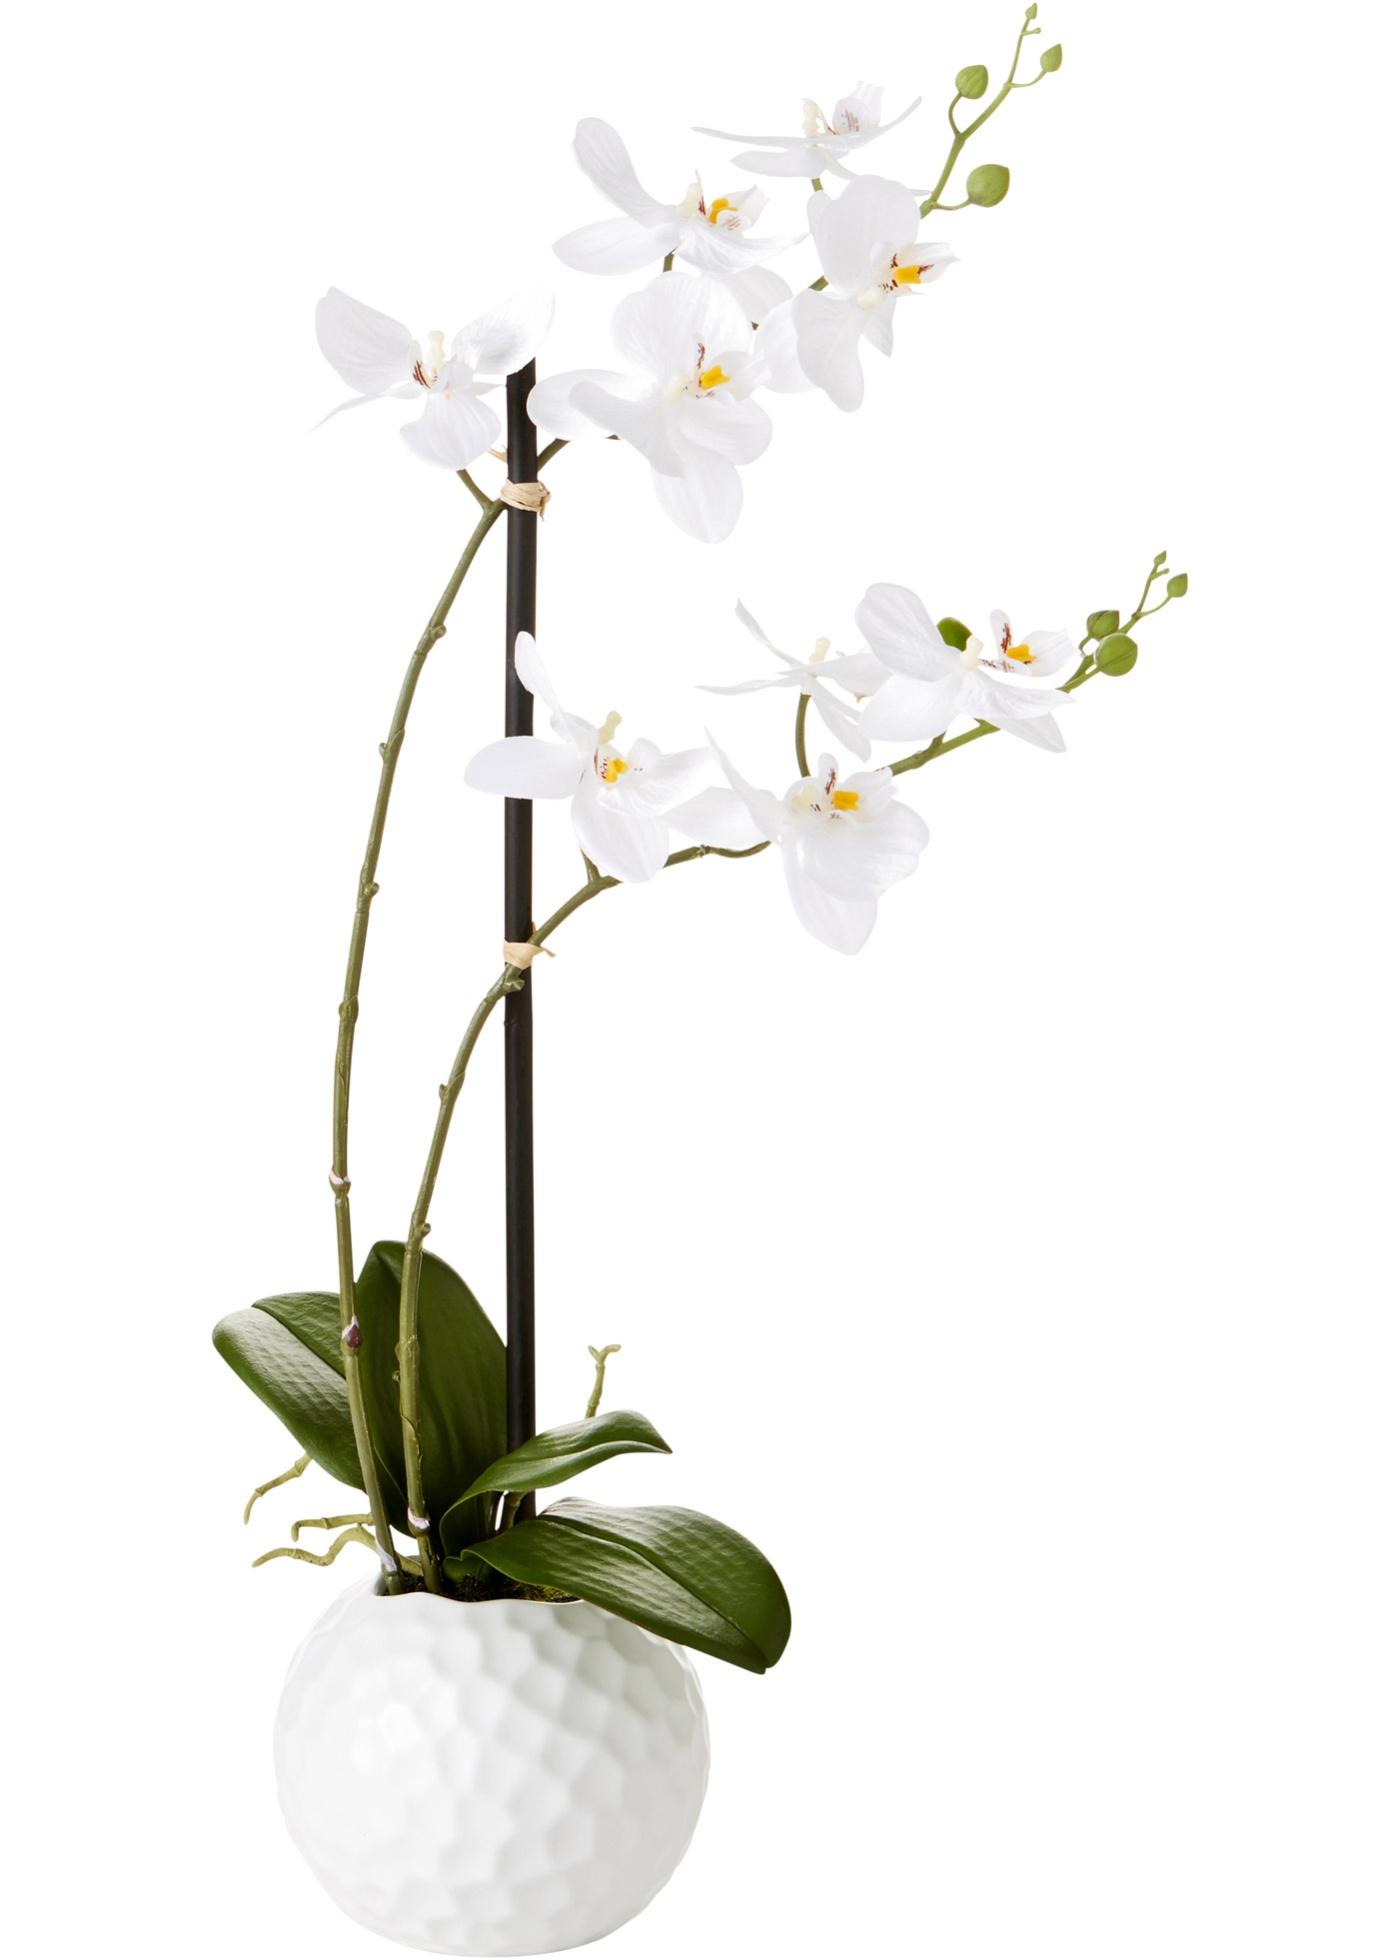 Achat vase d coration maison et jardin discount page 2 for Plante artificielle castorama